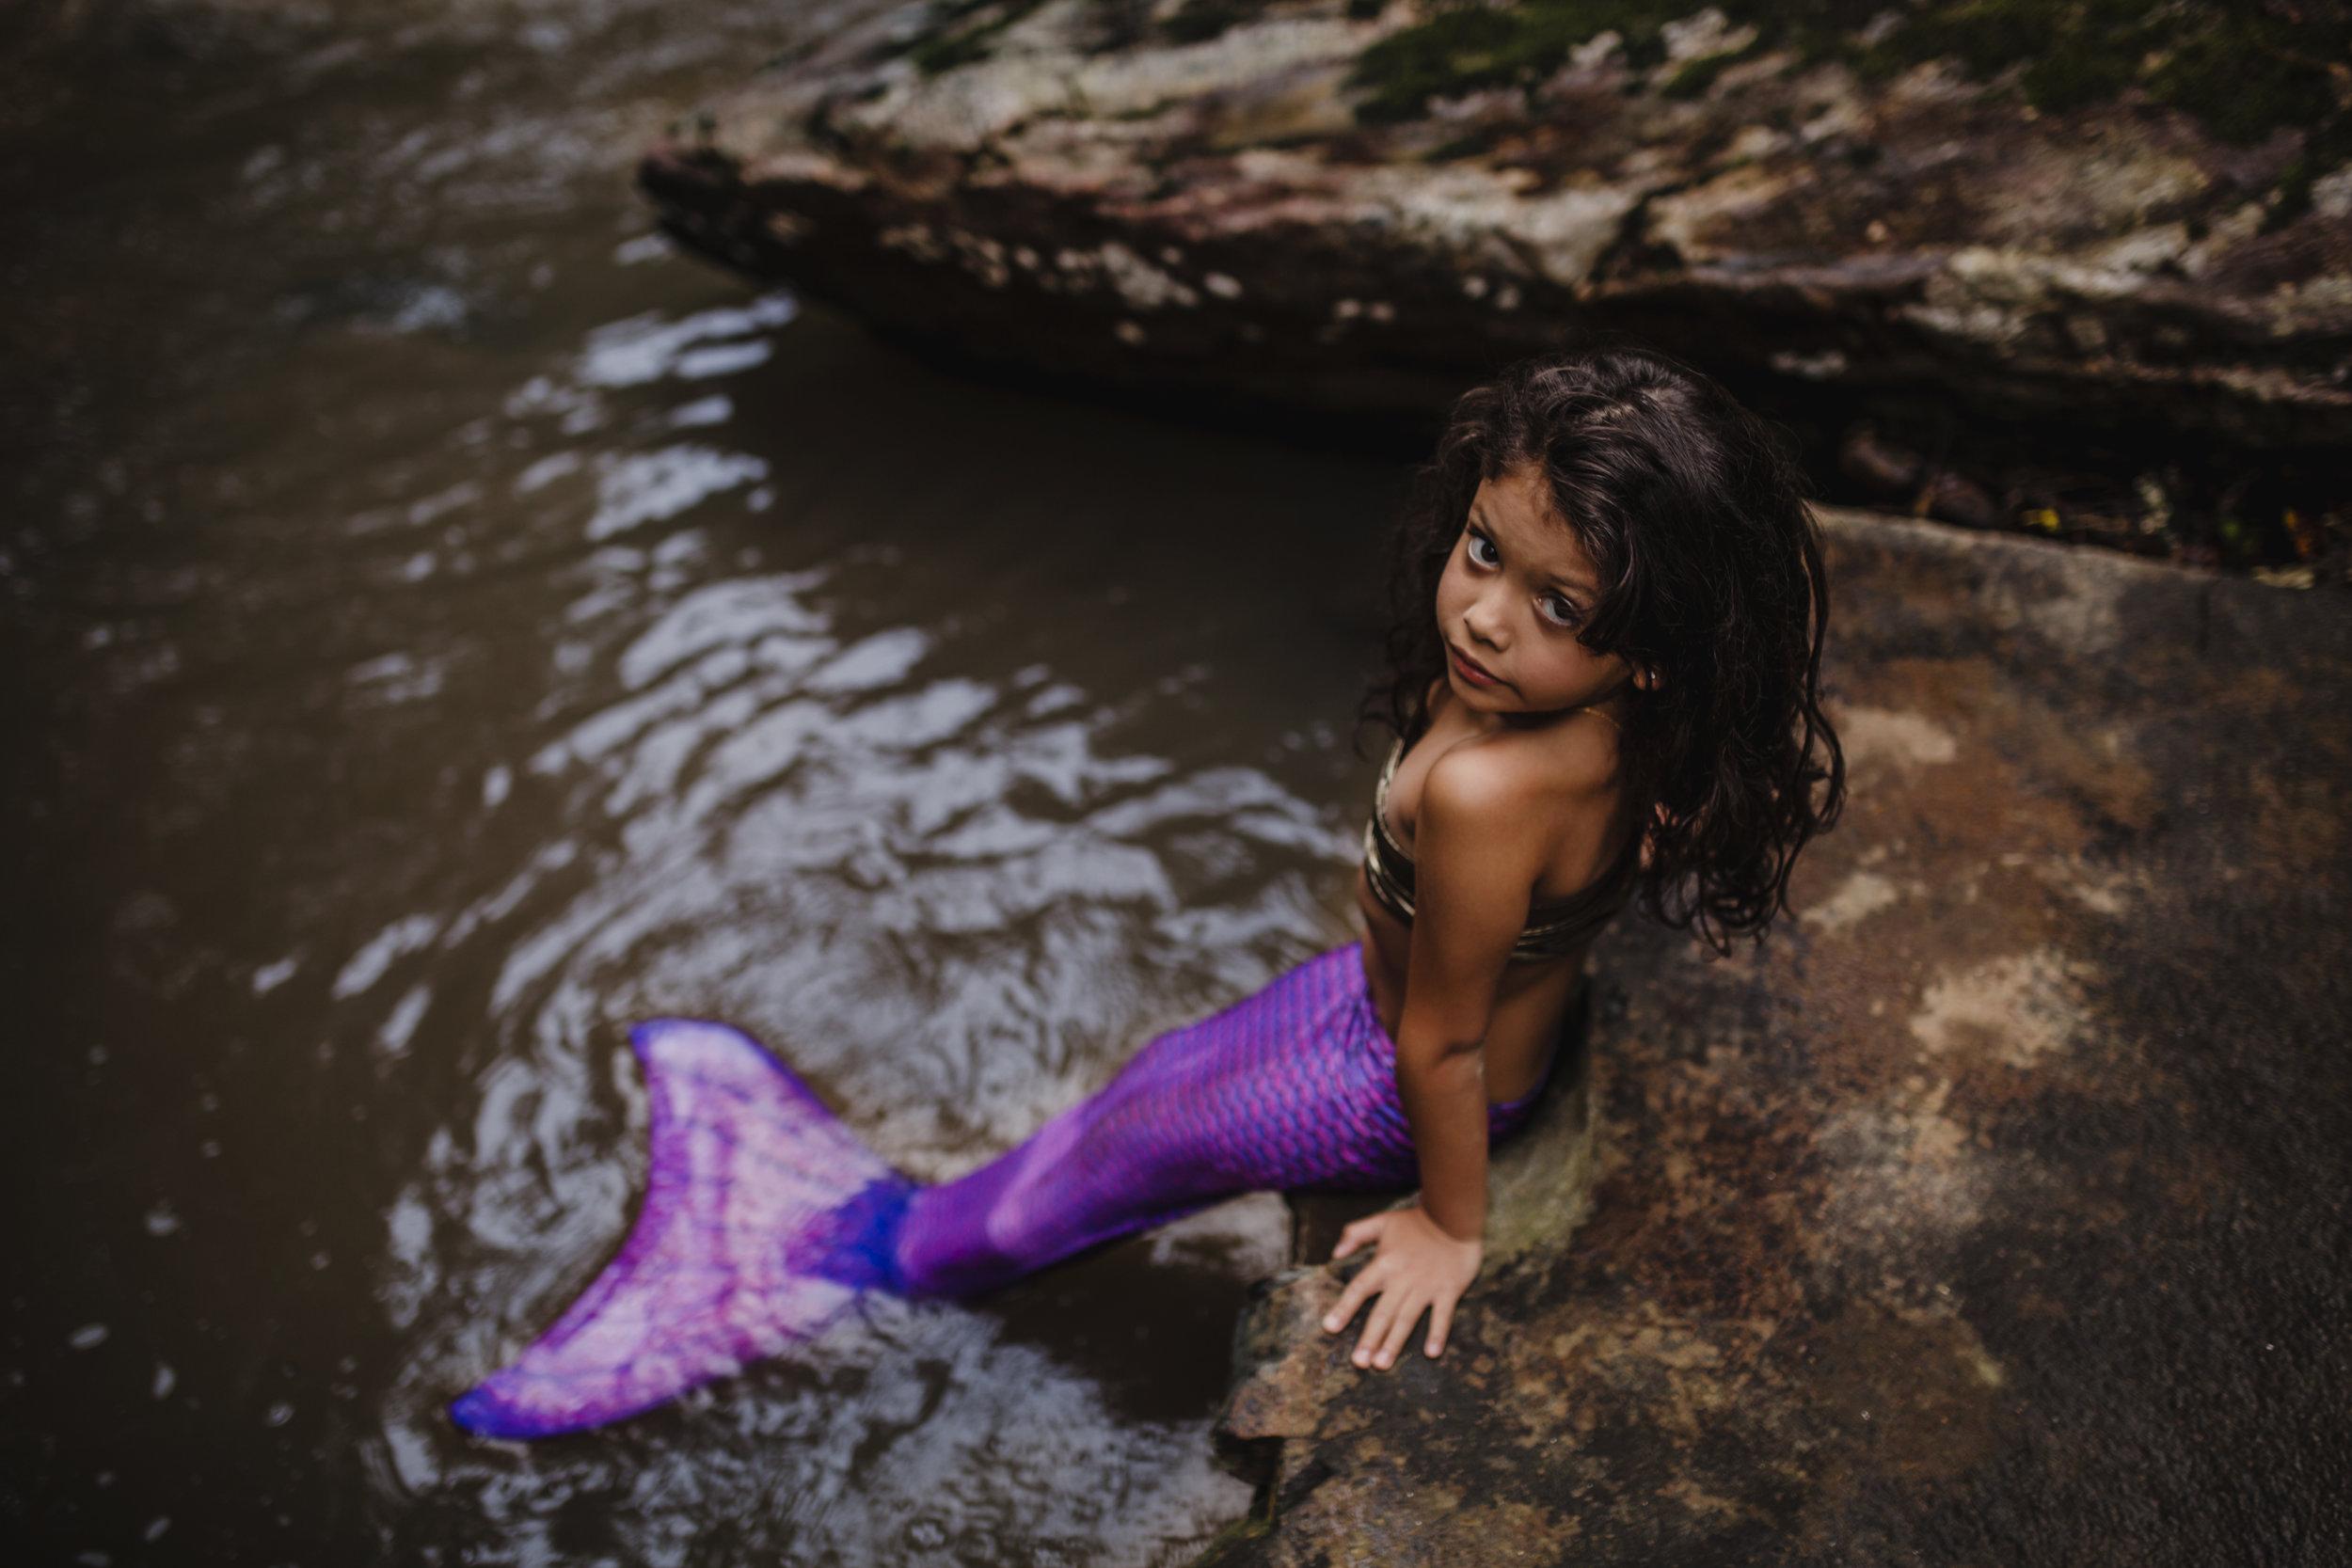 Jazzy mermaid 246.JPG